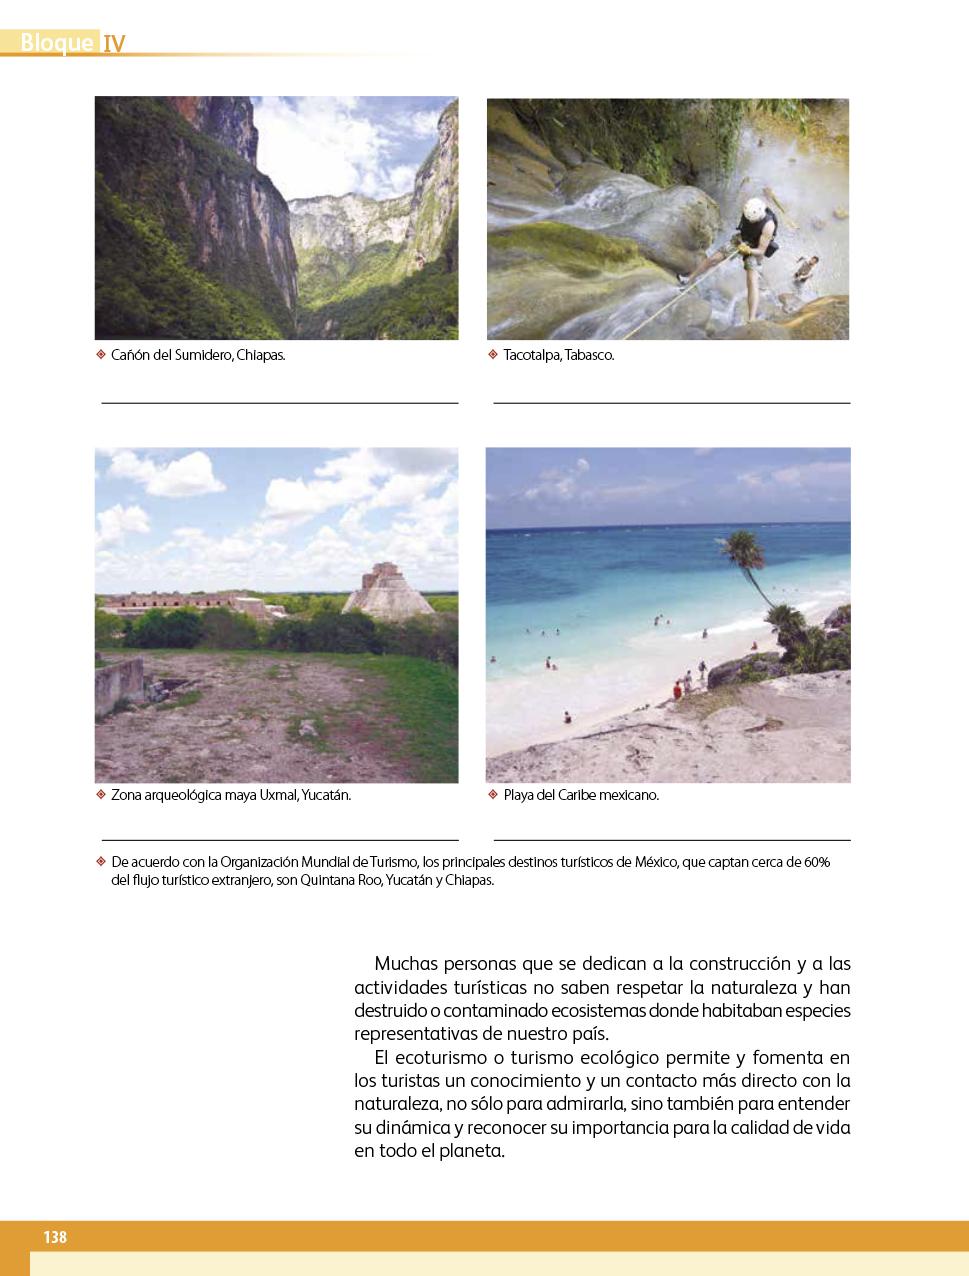 Geografía Cuarto grado 2017-2018 - Página 138 - Libros de ...